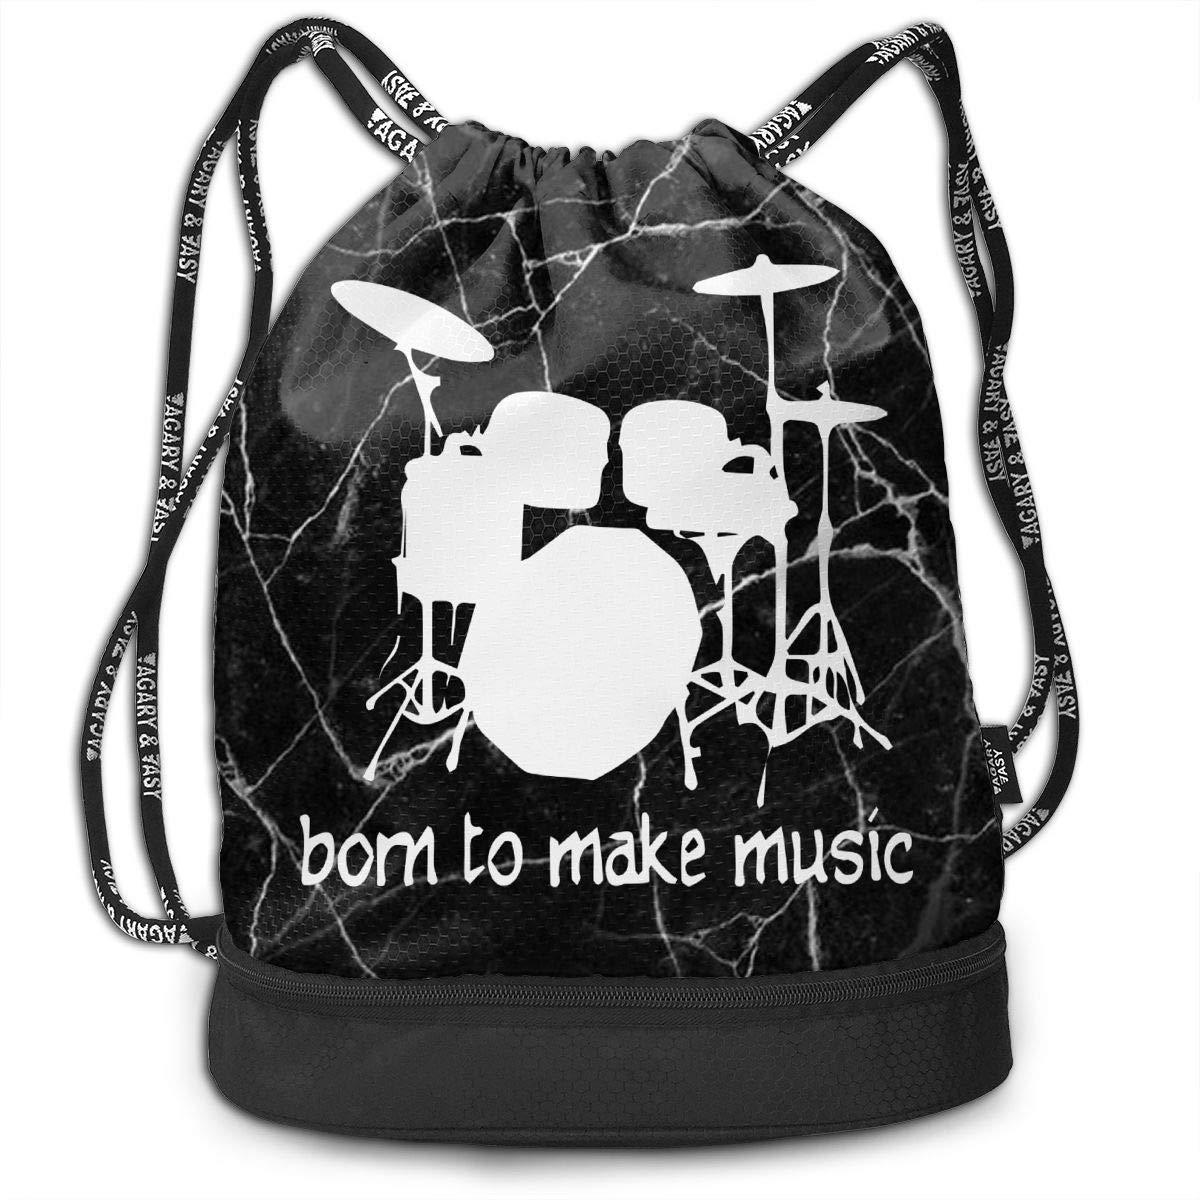 SG0HGO Drawstring Backpack Drummer Men /& Women Gym Sport Yoga Rucksack Shoulder Bags